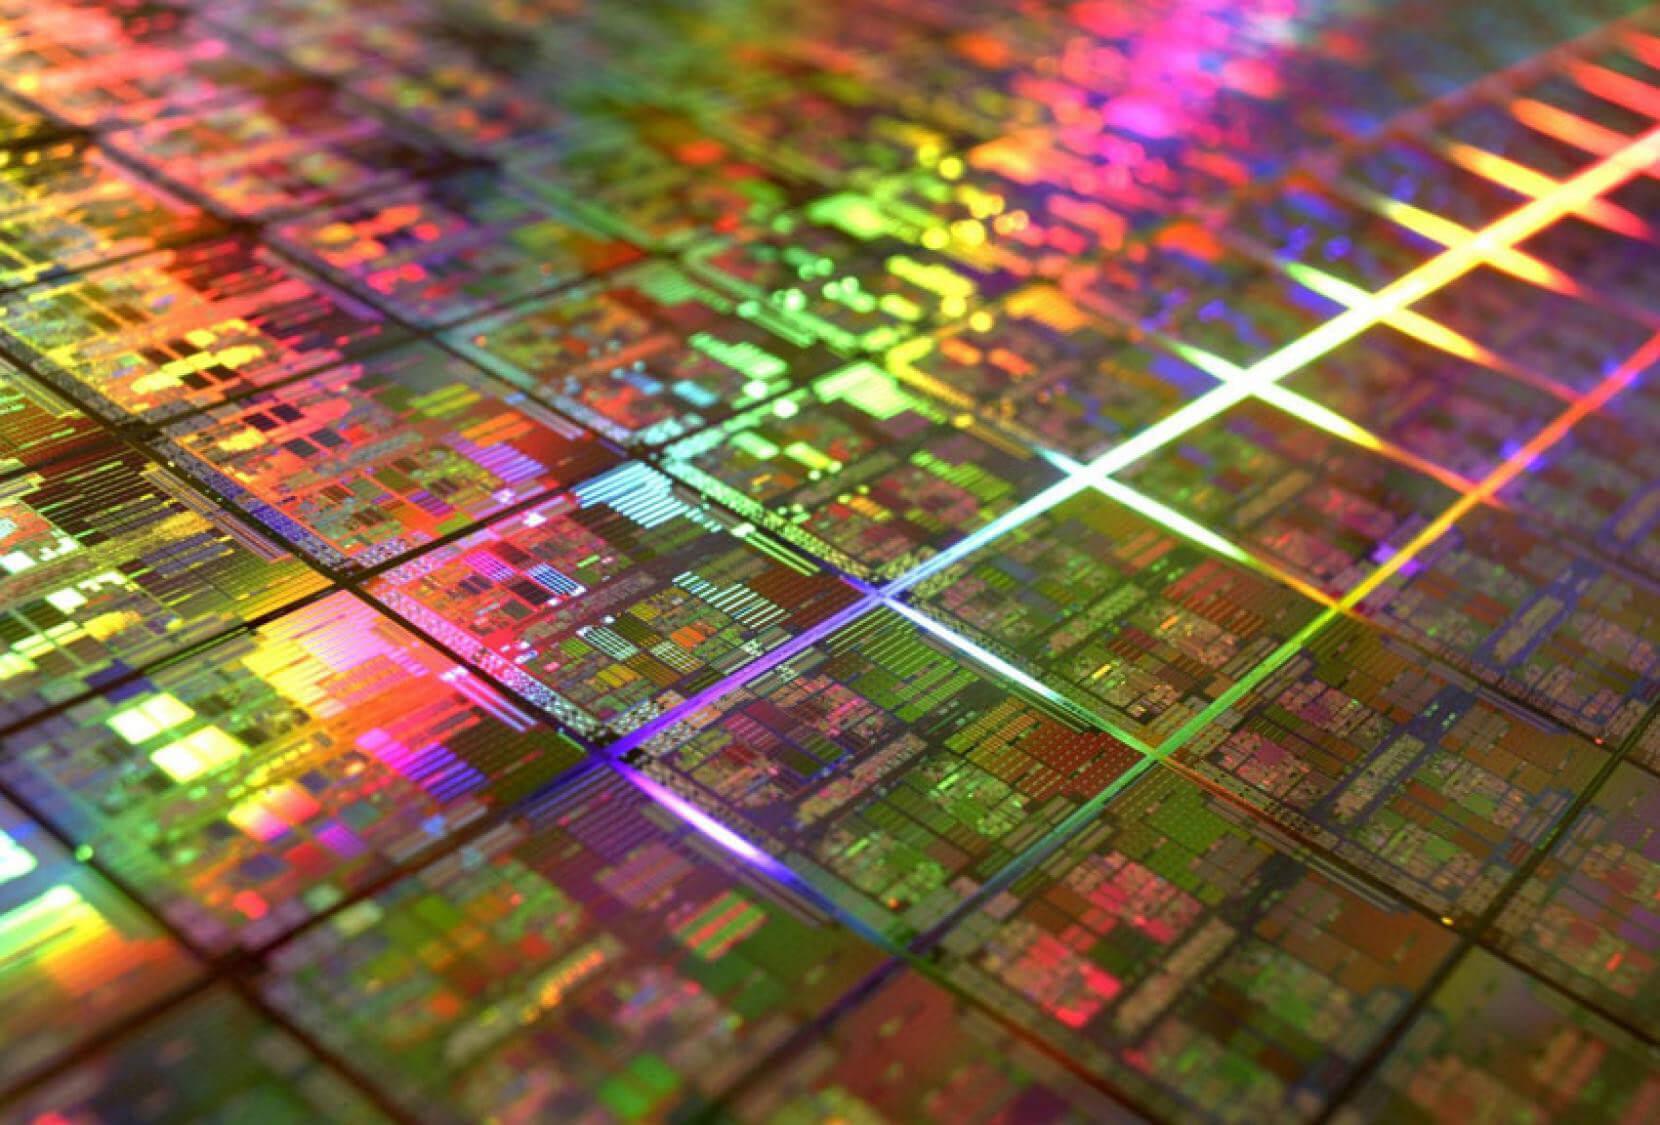 UMC empieza a distribuir sus transistores de 14nm